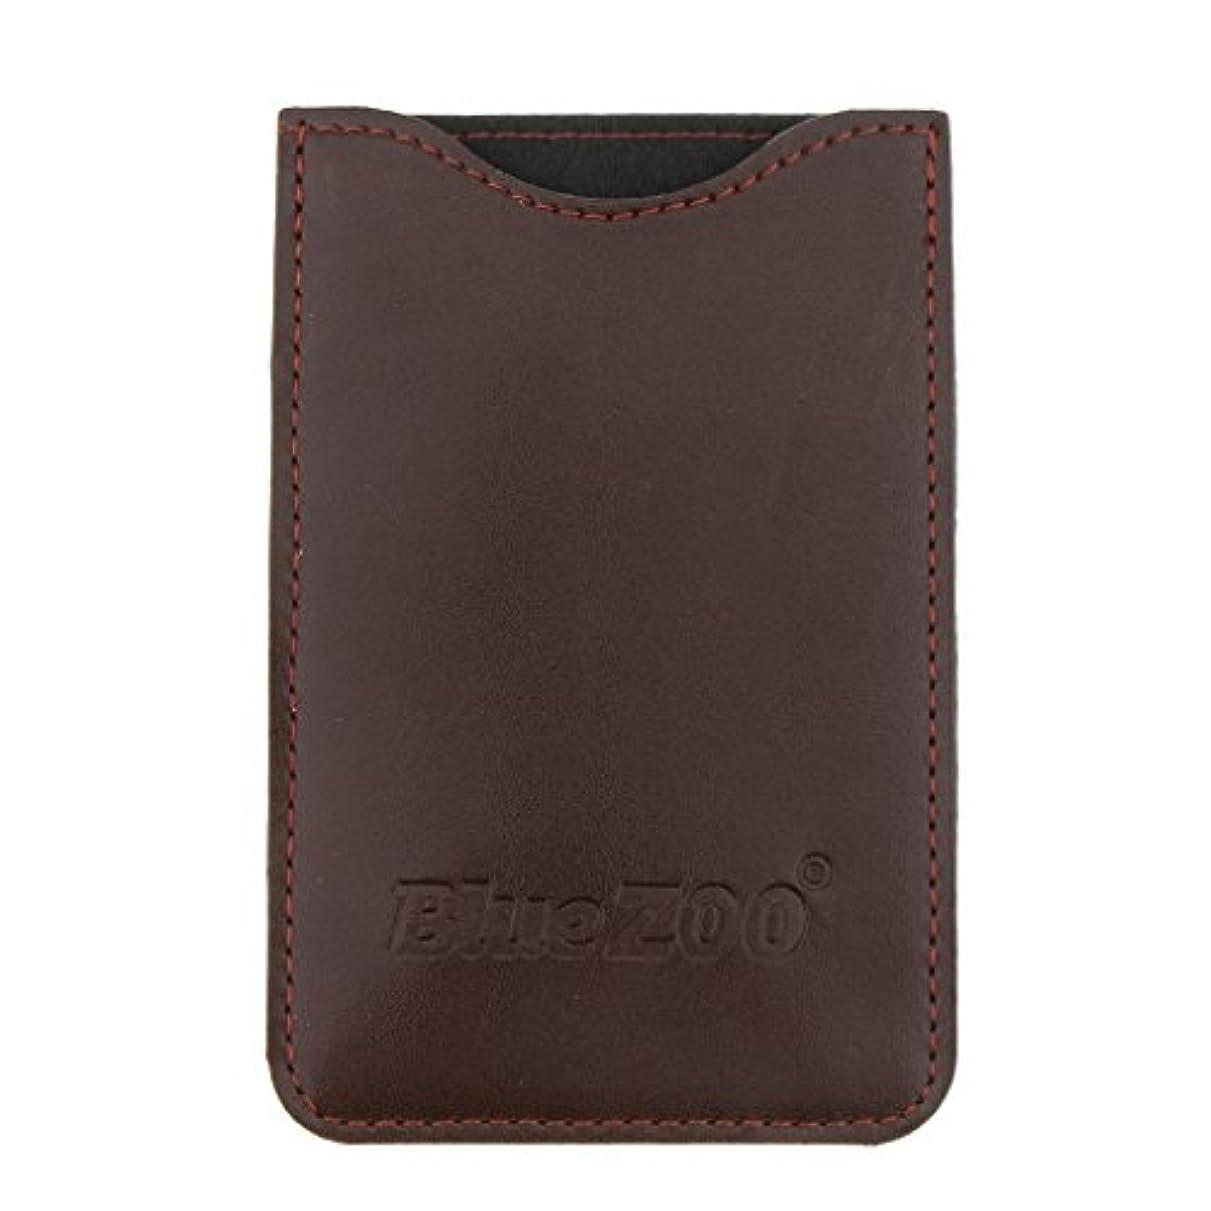 高さリース日食Kesoto コームバッグ 収納ケース 収納パック 保護カバー PUレザー 櫛/ヘアブラシ/名刺/IDカード/銀行カード バッグ オーガナイザー 全2色  - 褐色